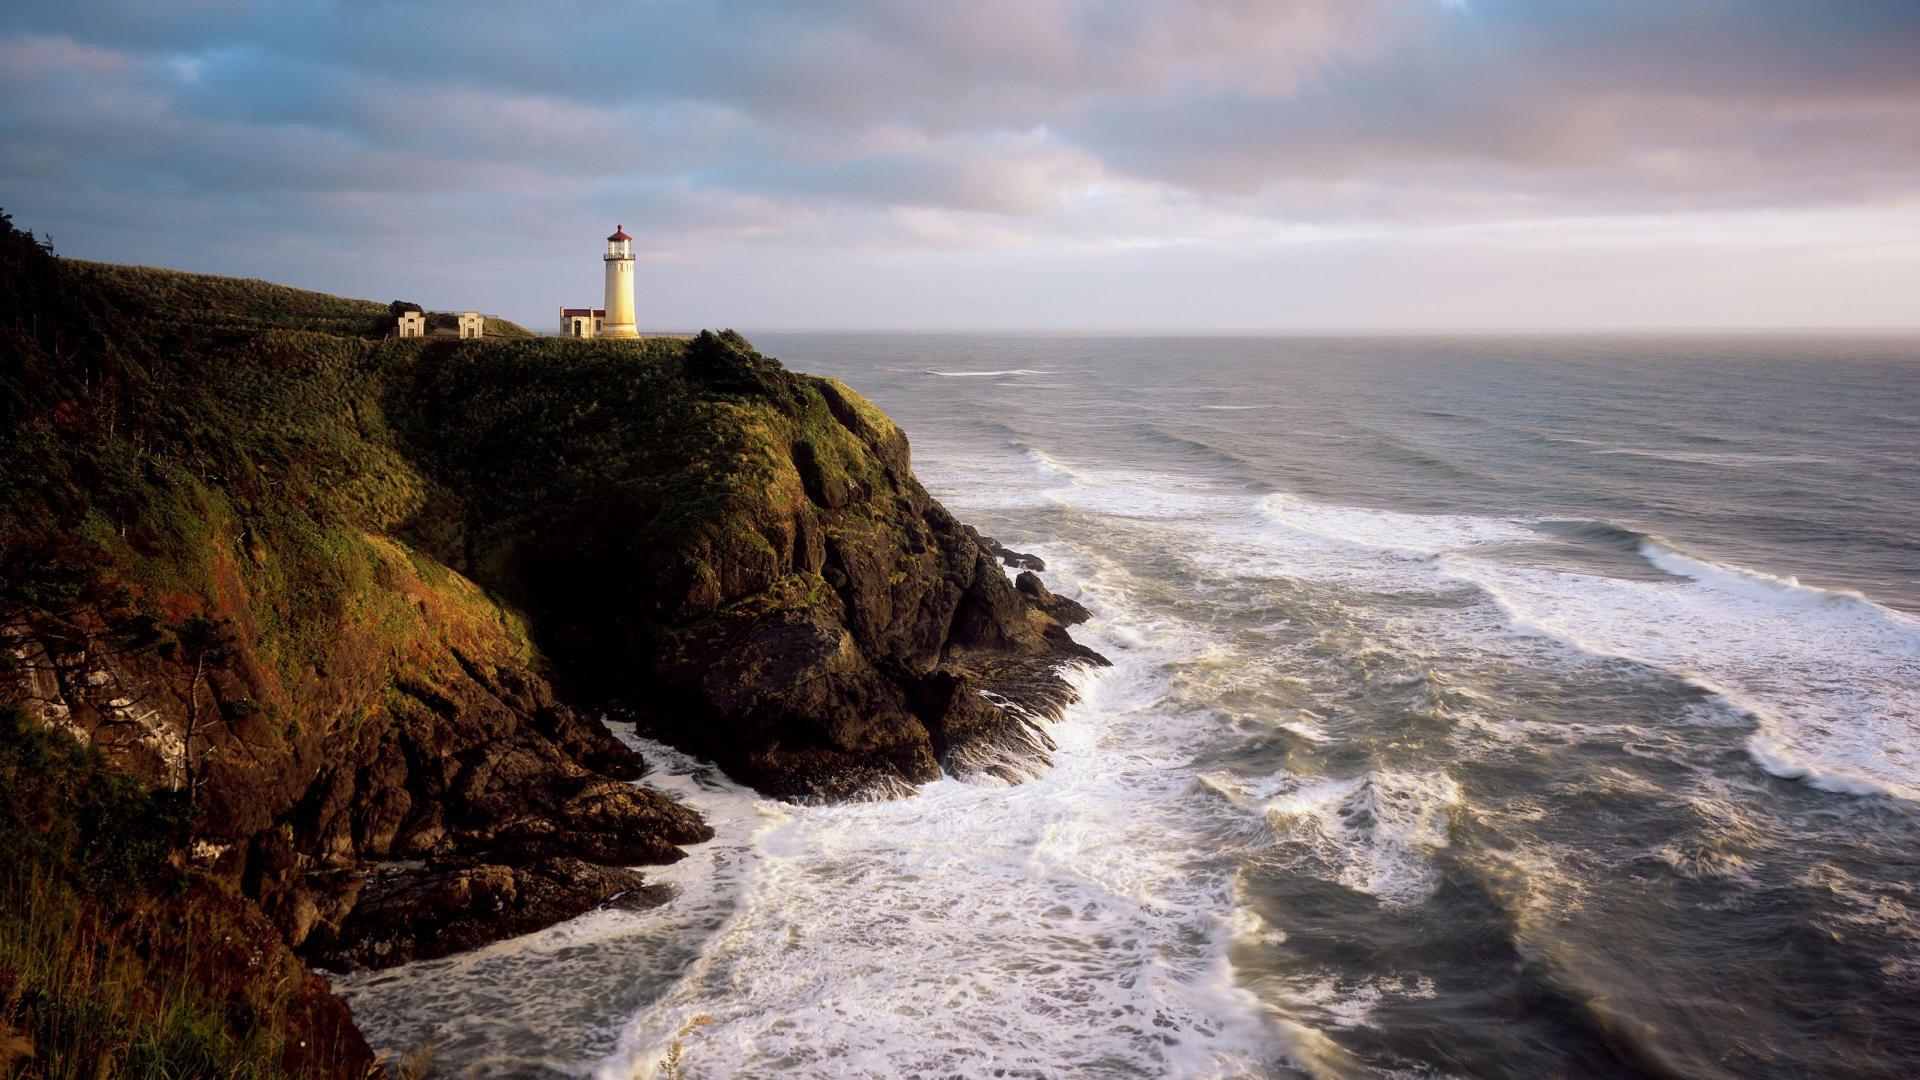 Маяк волны камни море в хорошем качестве